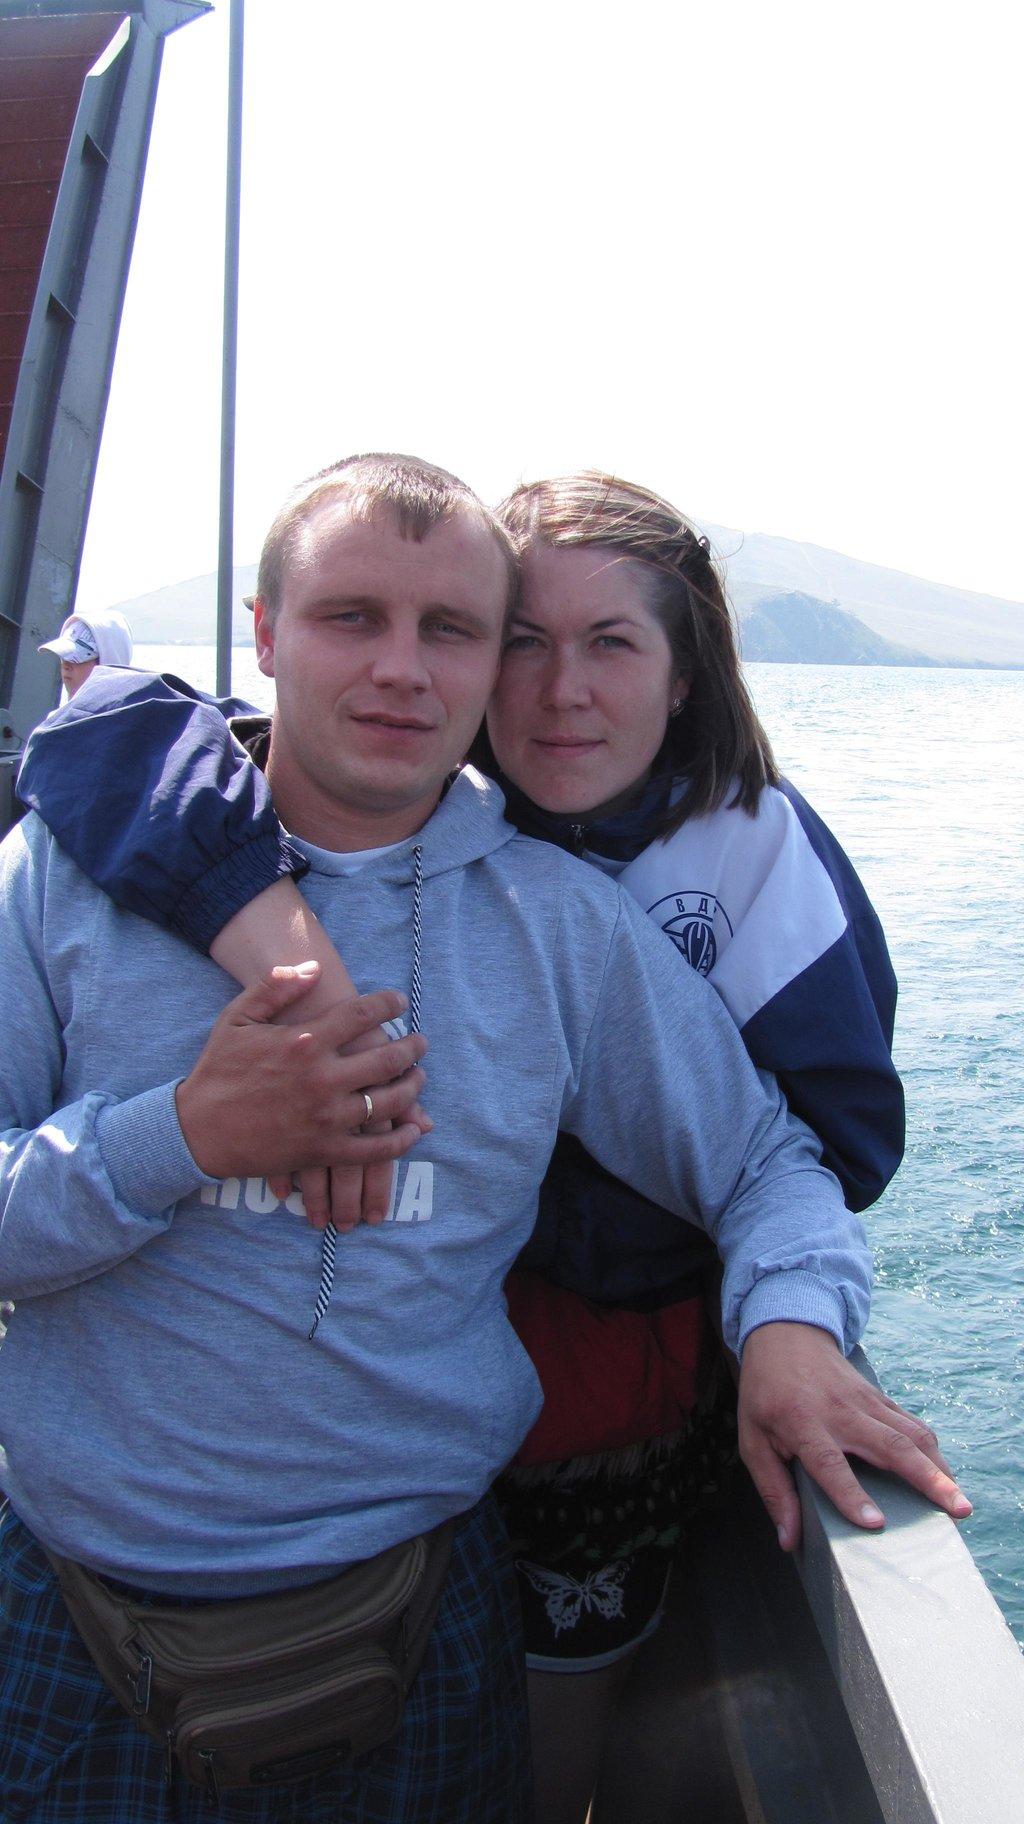 Побывав на Аршане мы решили рвануть на о.Ольхон...и вот мы уже на пароме в на правлении на остров Ольхон....